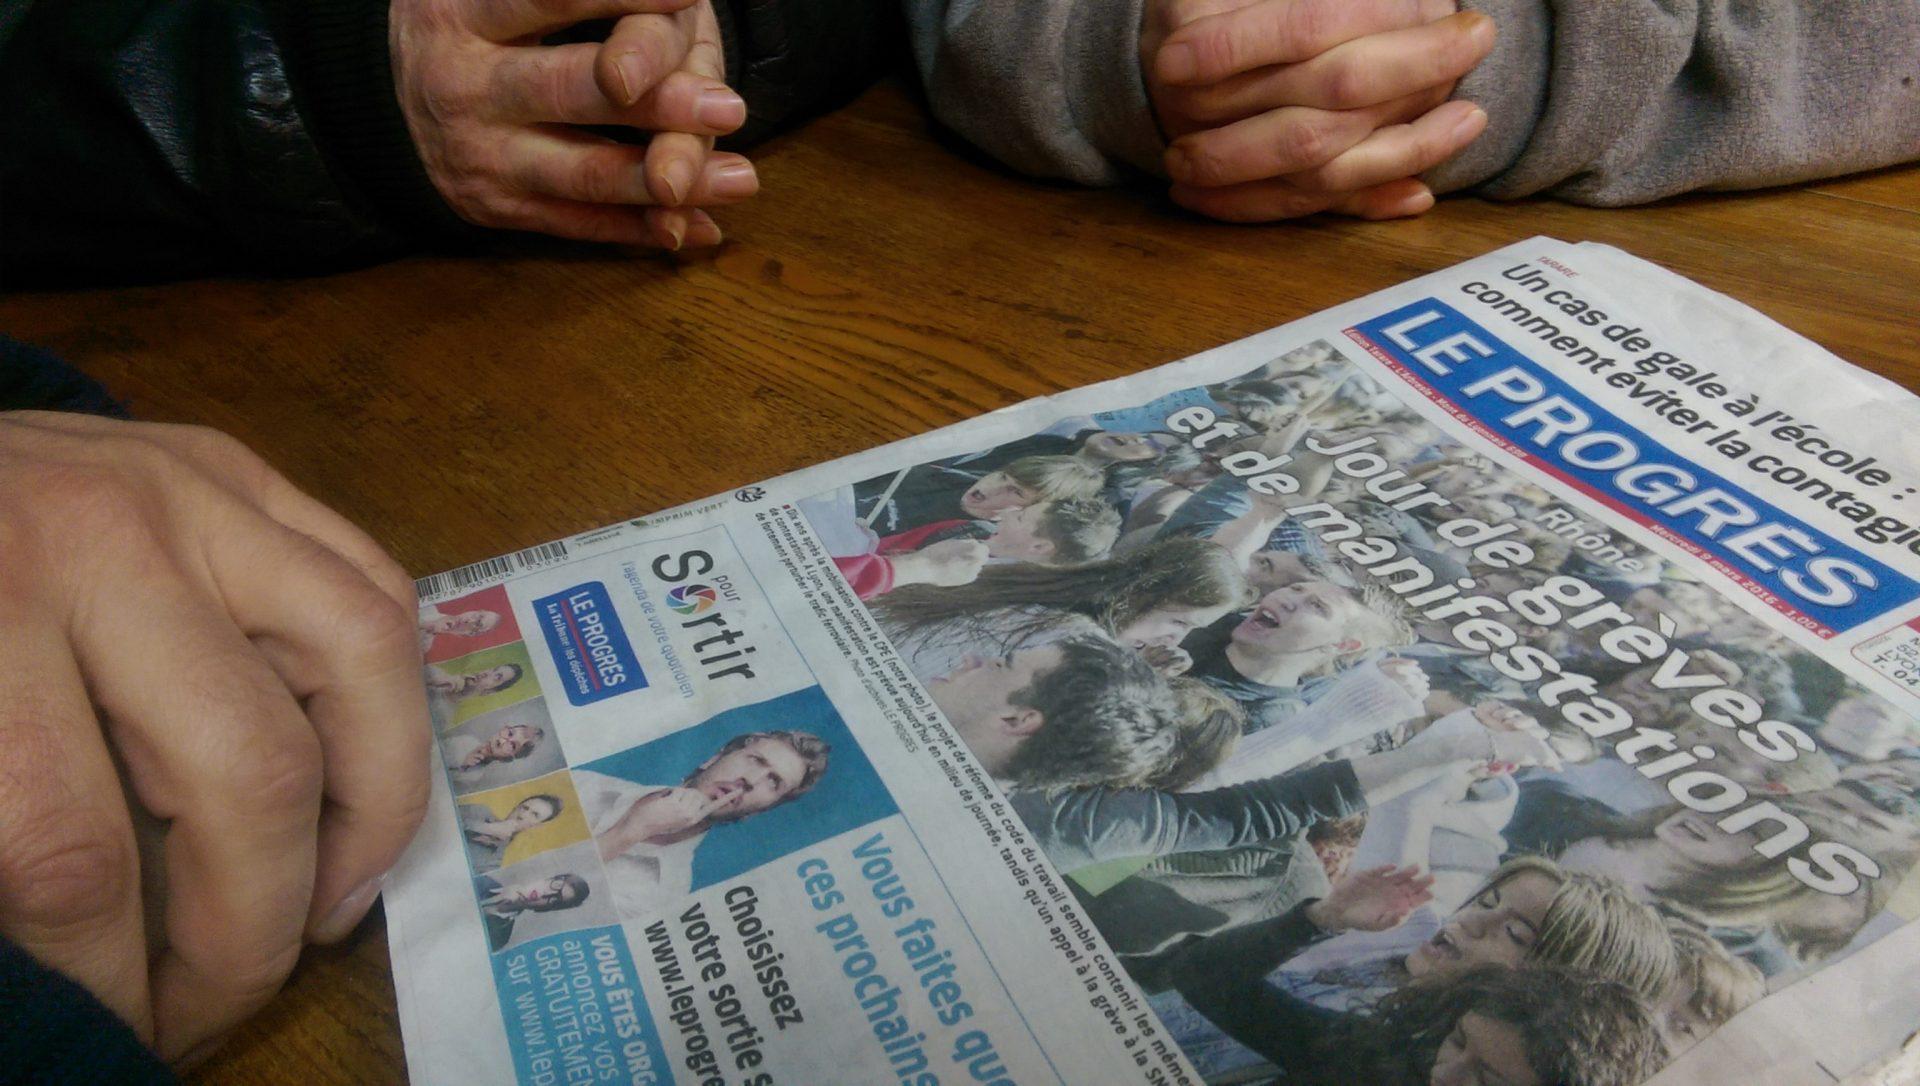 C'est la lutte locale - Crédit photo izart.fr